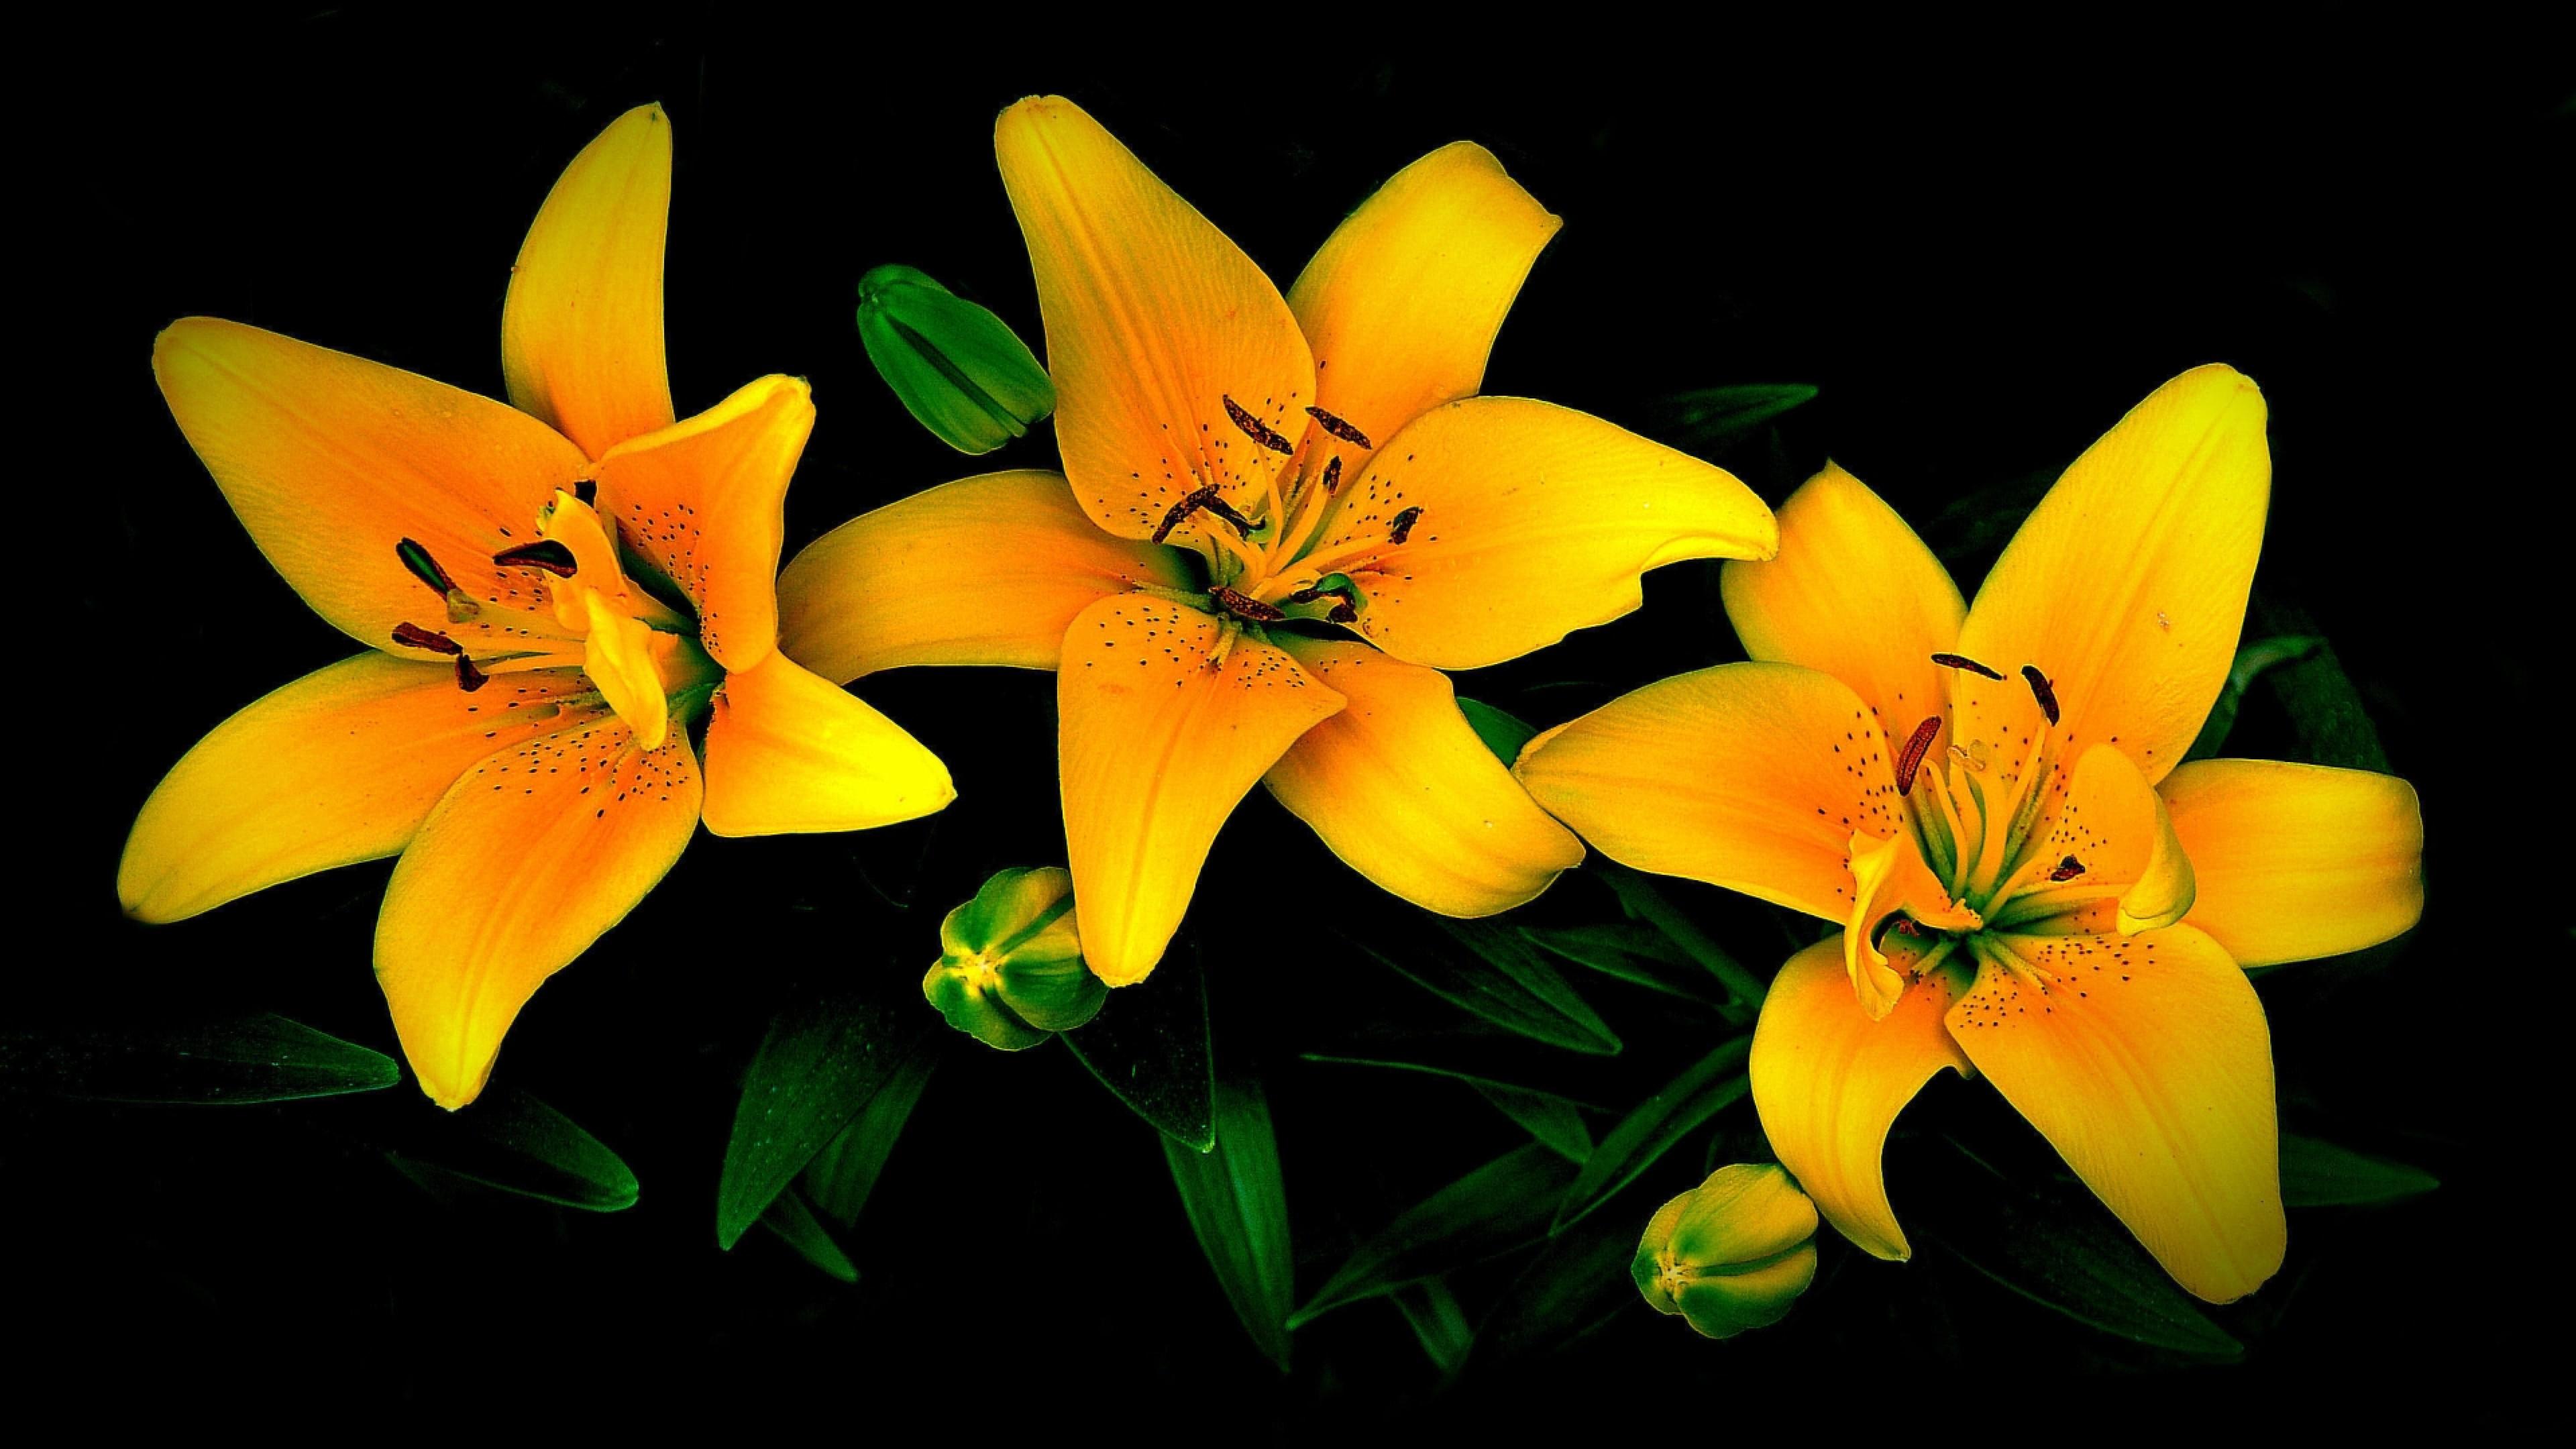 картинки на рабочий стол лилии желтые верят, что